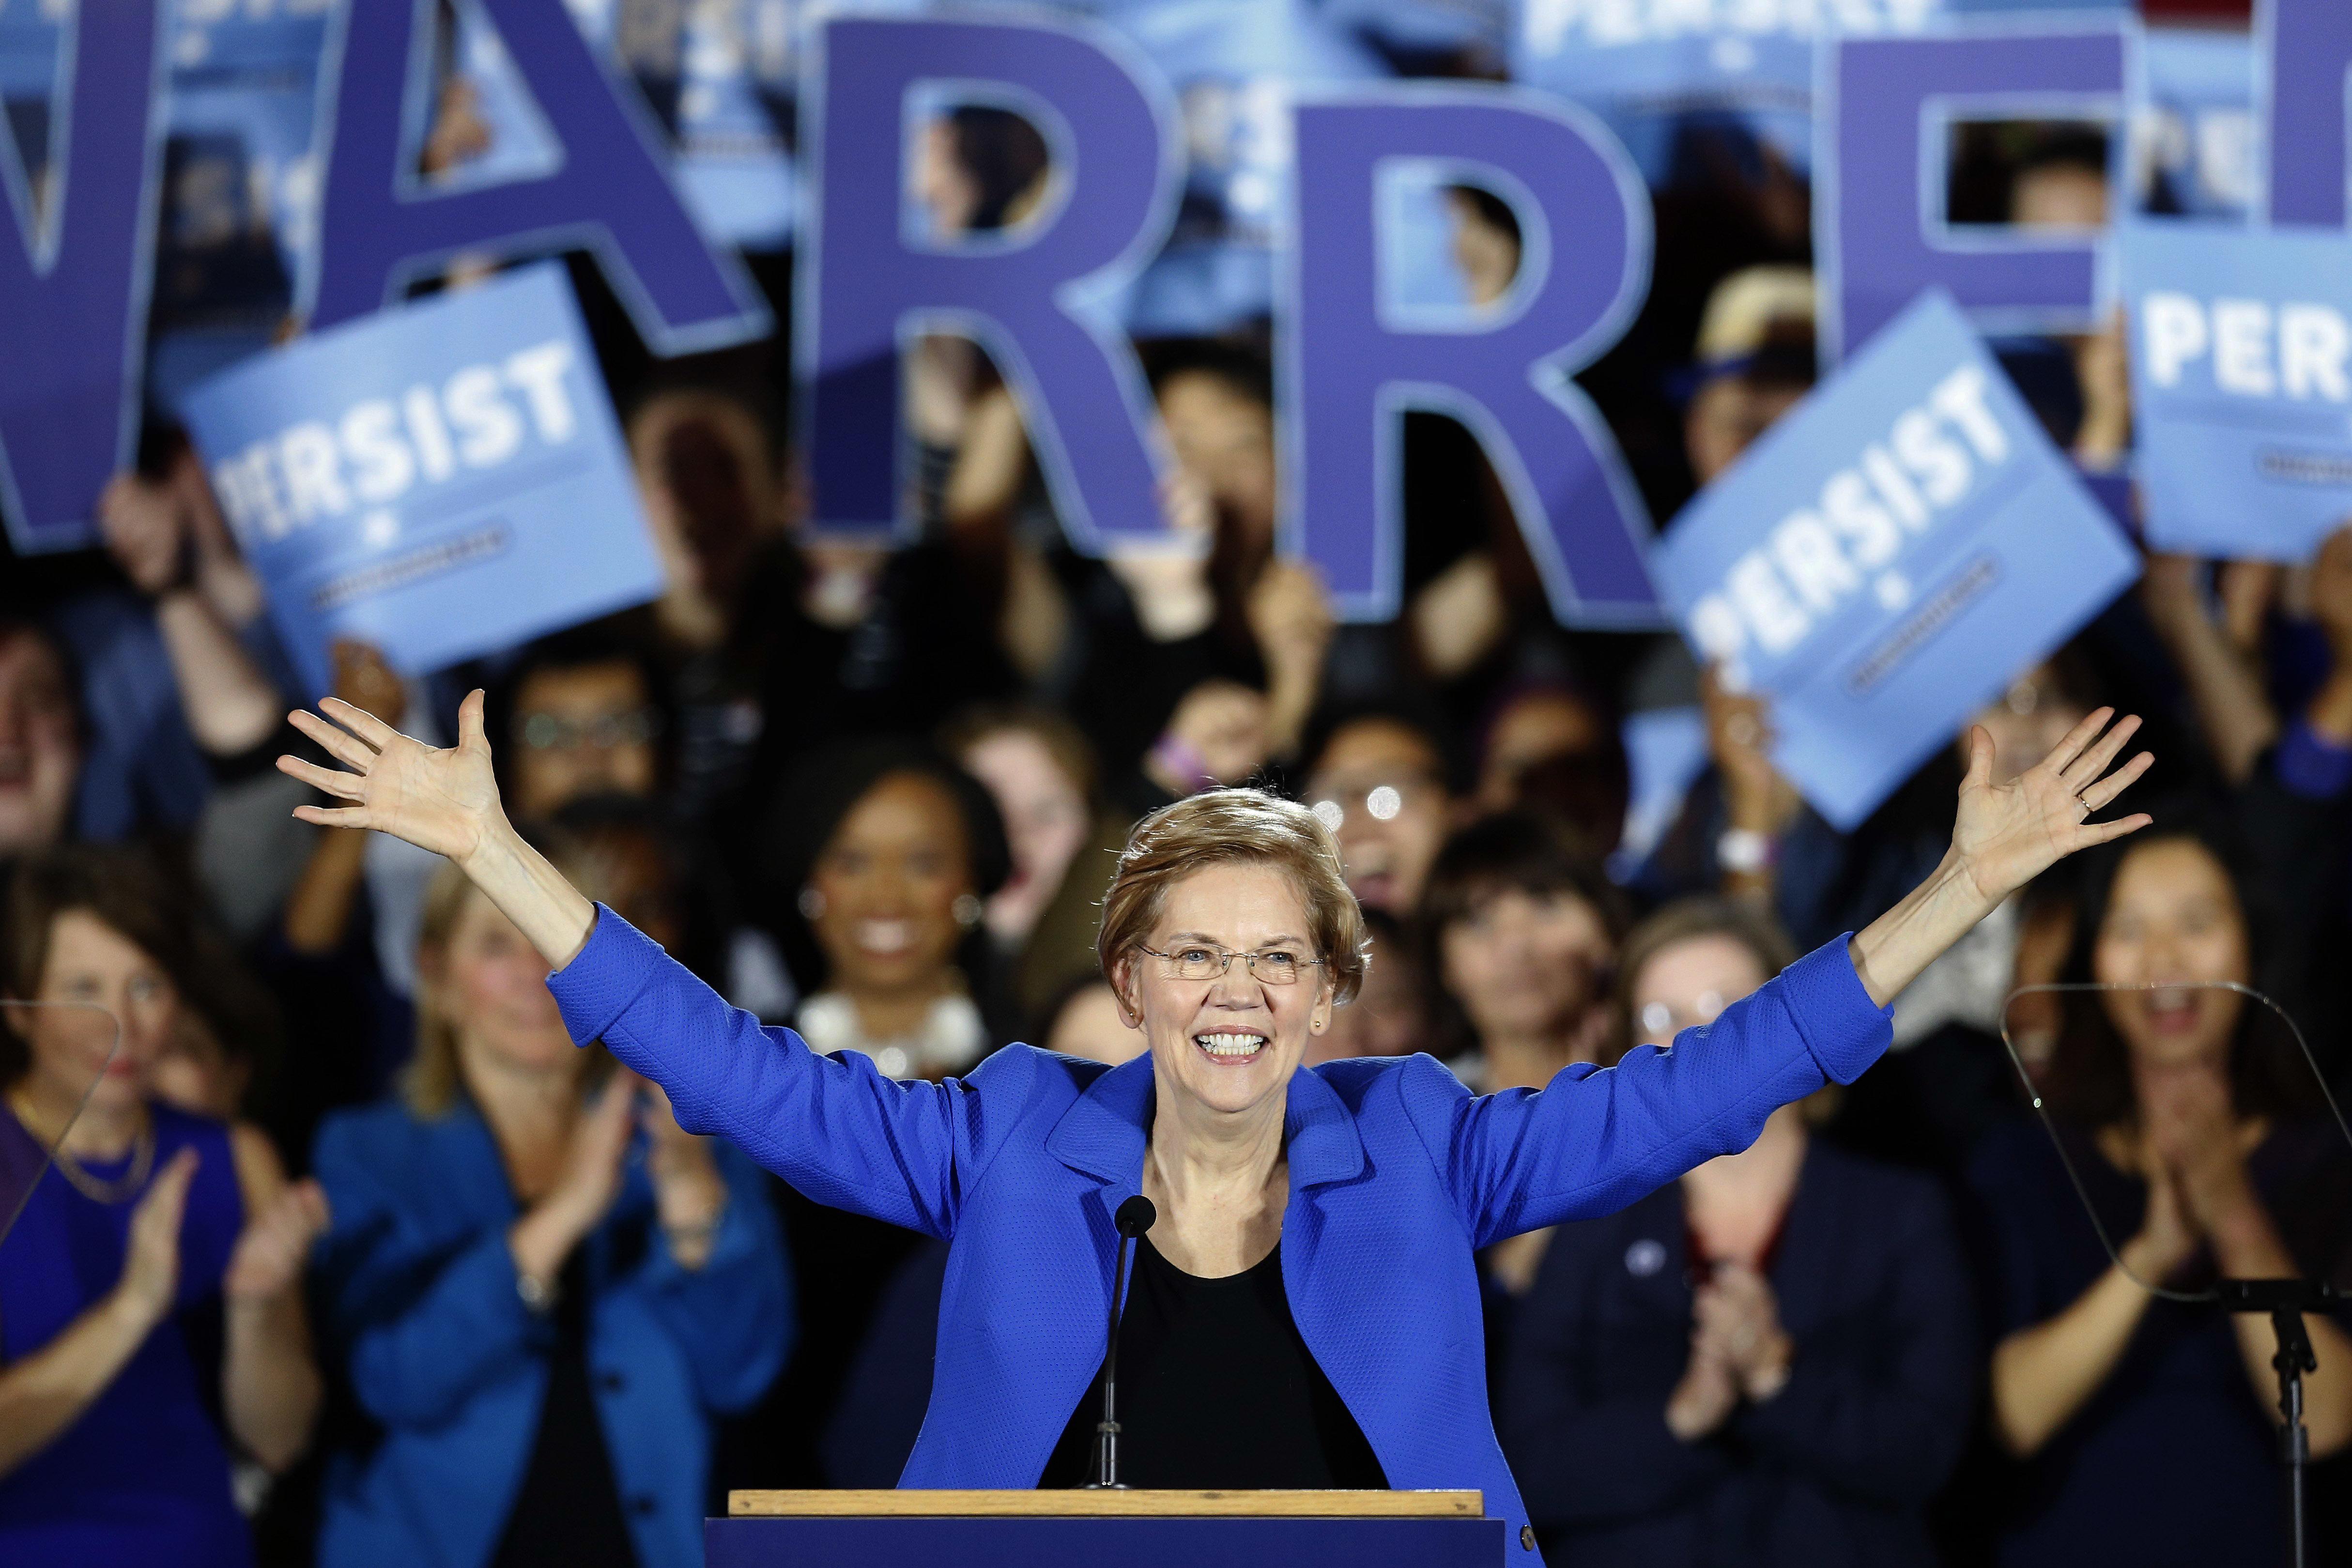 US-Präsidentschaftswahlen 2020: DemokratinWarrenwill Trump